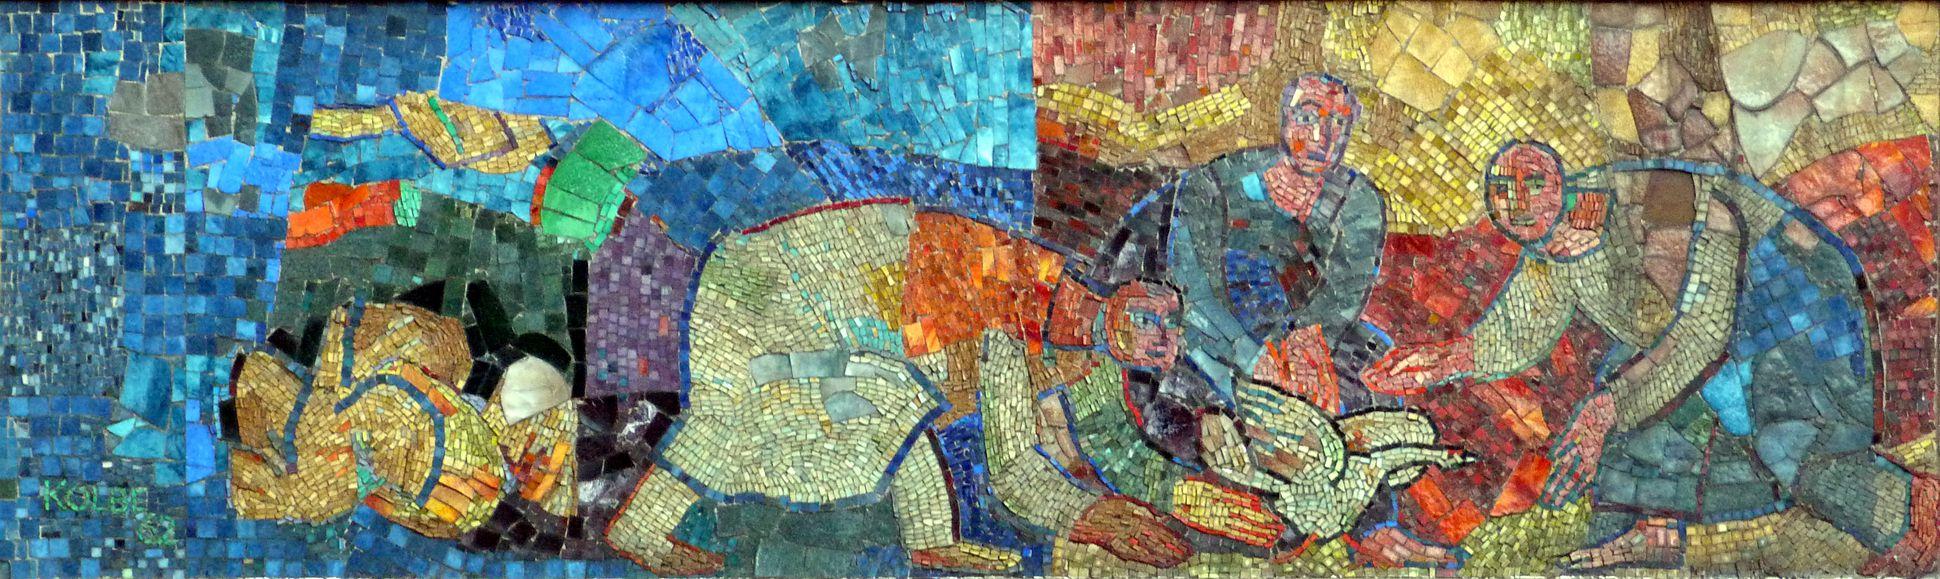 Mosaik am Hauptmarkt in Nürnberg Anfangsszenen des nördlichen Mosaikbandes mit entflohener Gans